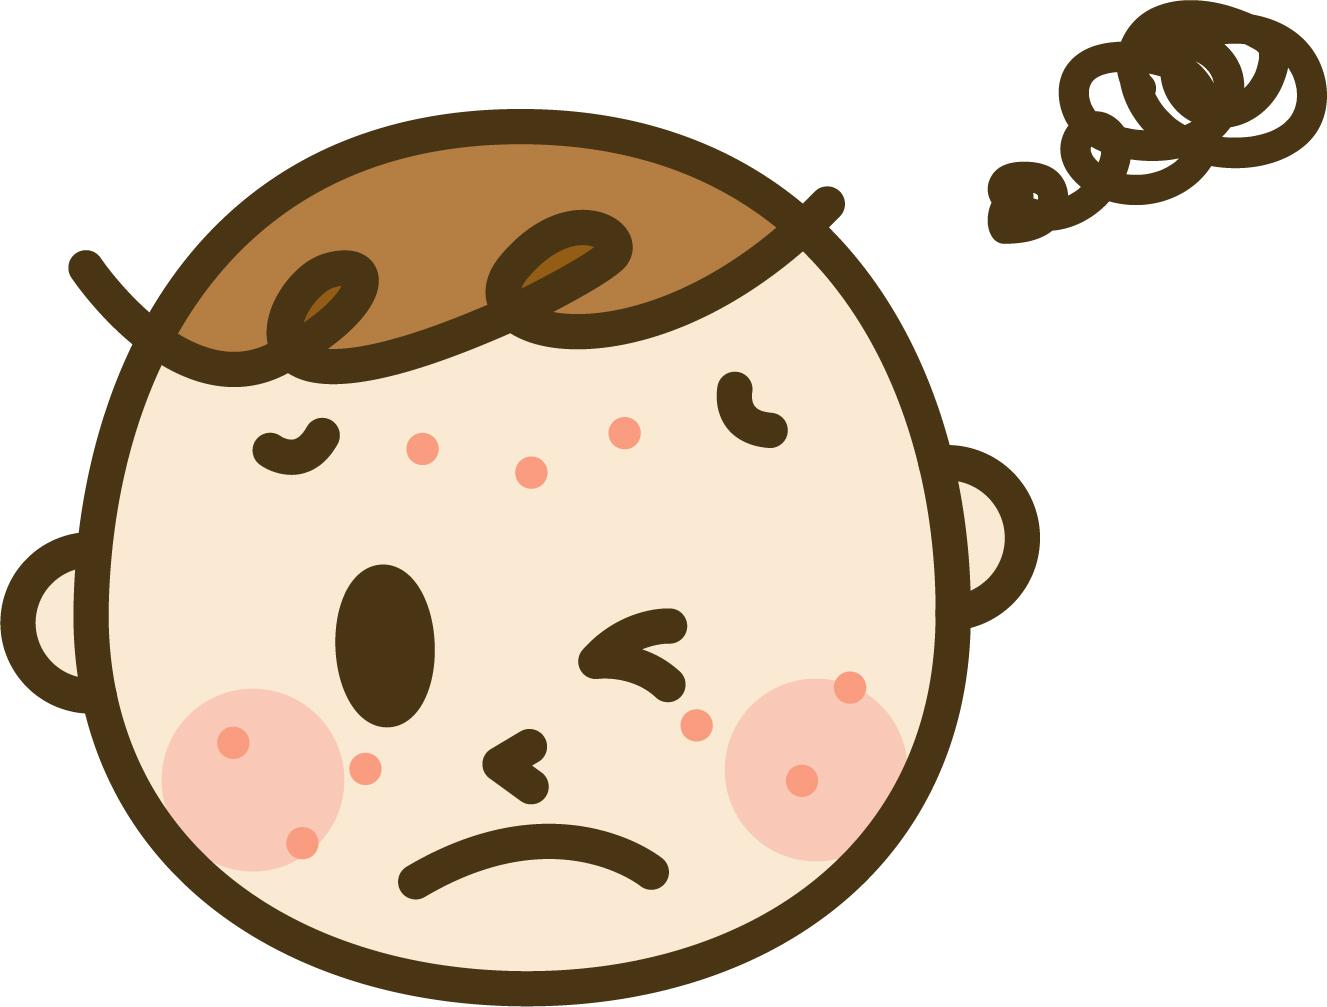 ニキビや肌トラブルで困っている人の顔